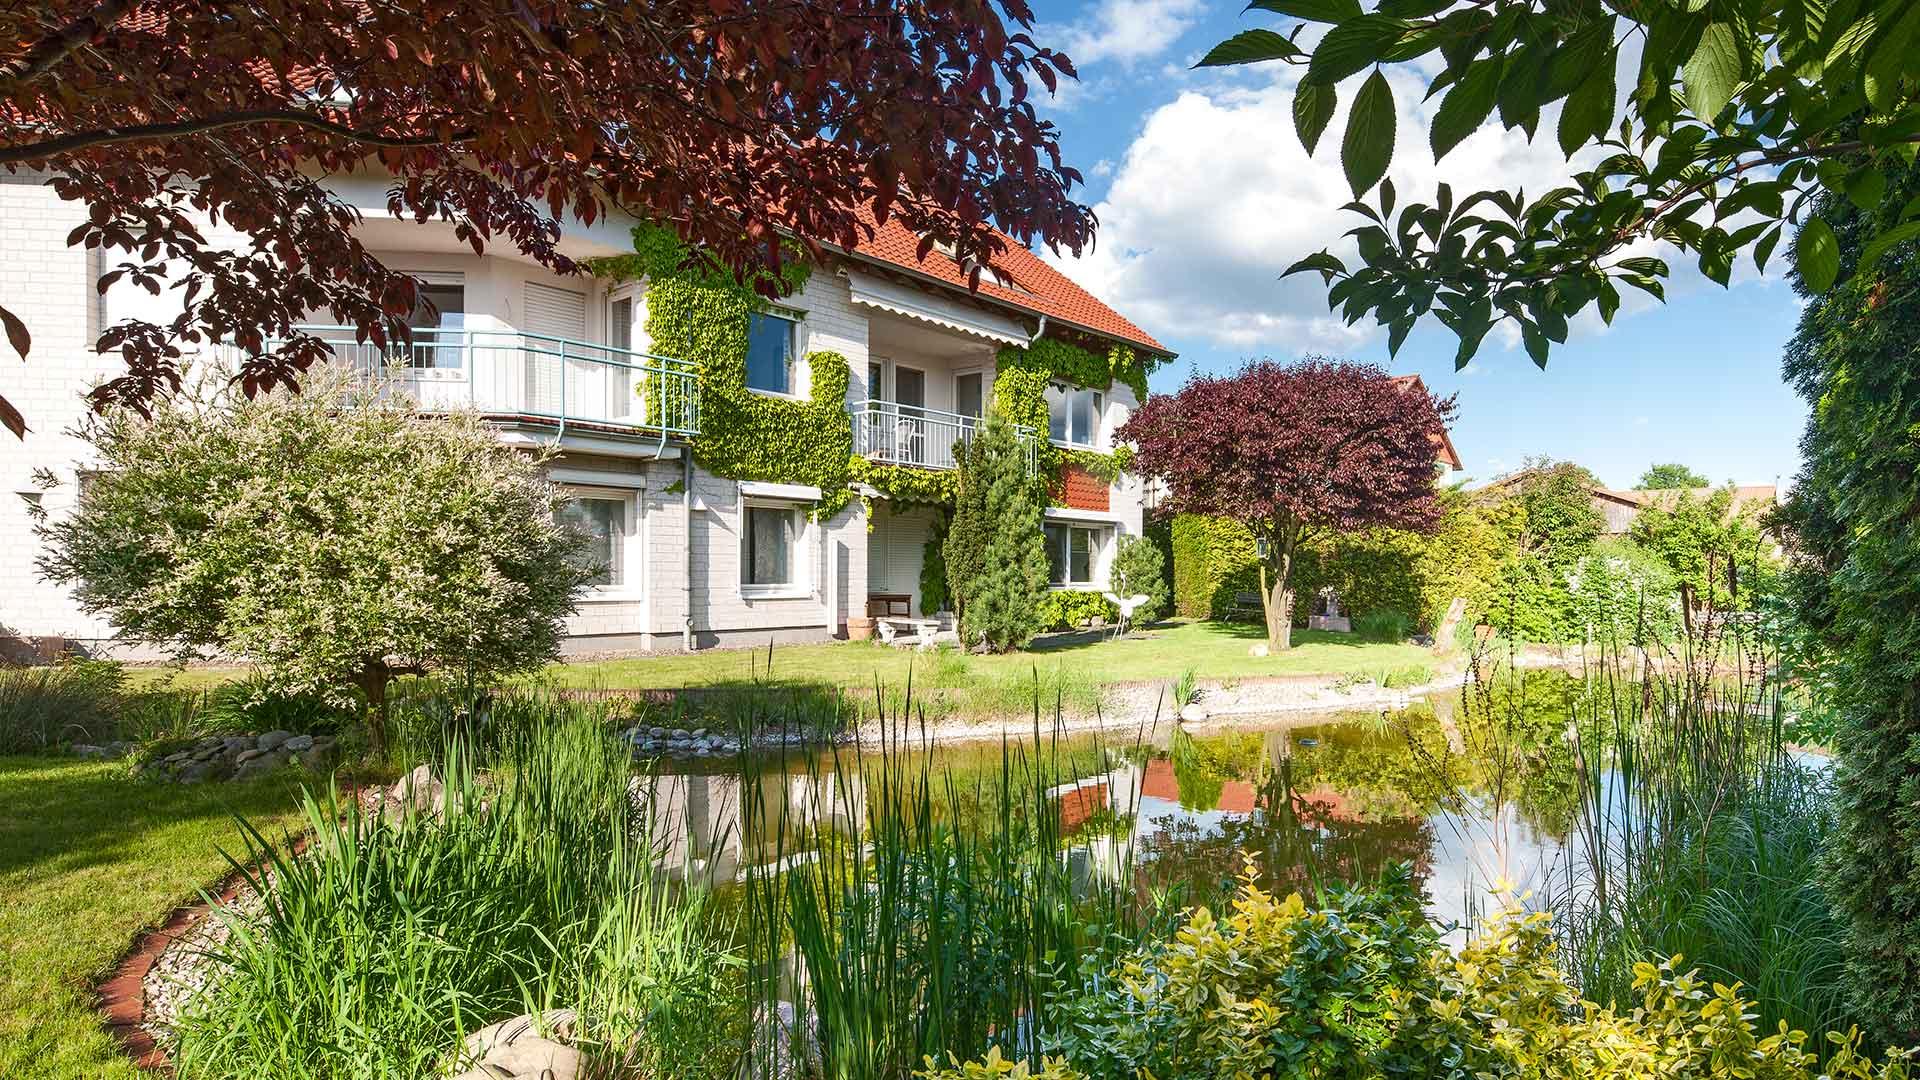 Architekturfotografie: Immobilie mit Gartenteich | Foto: Dieter Eikenberg, imprints